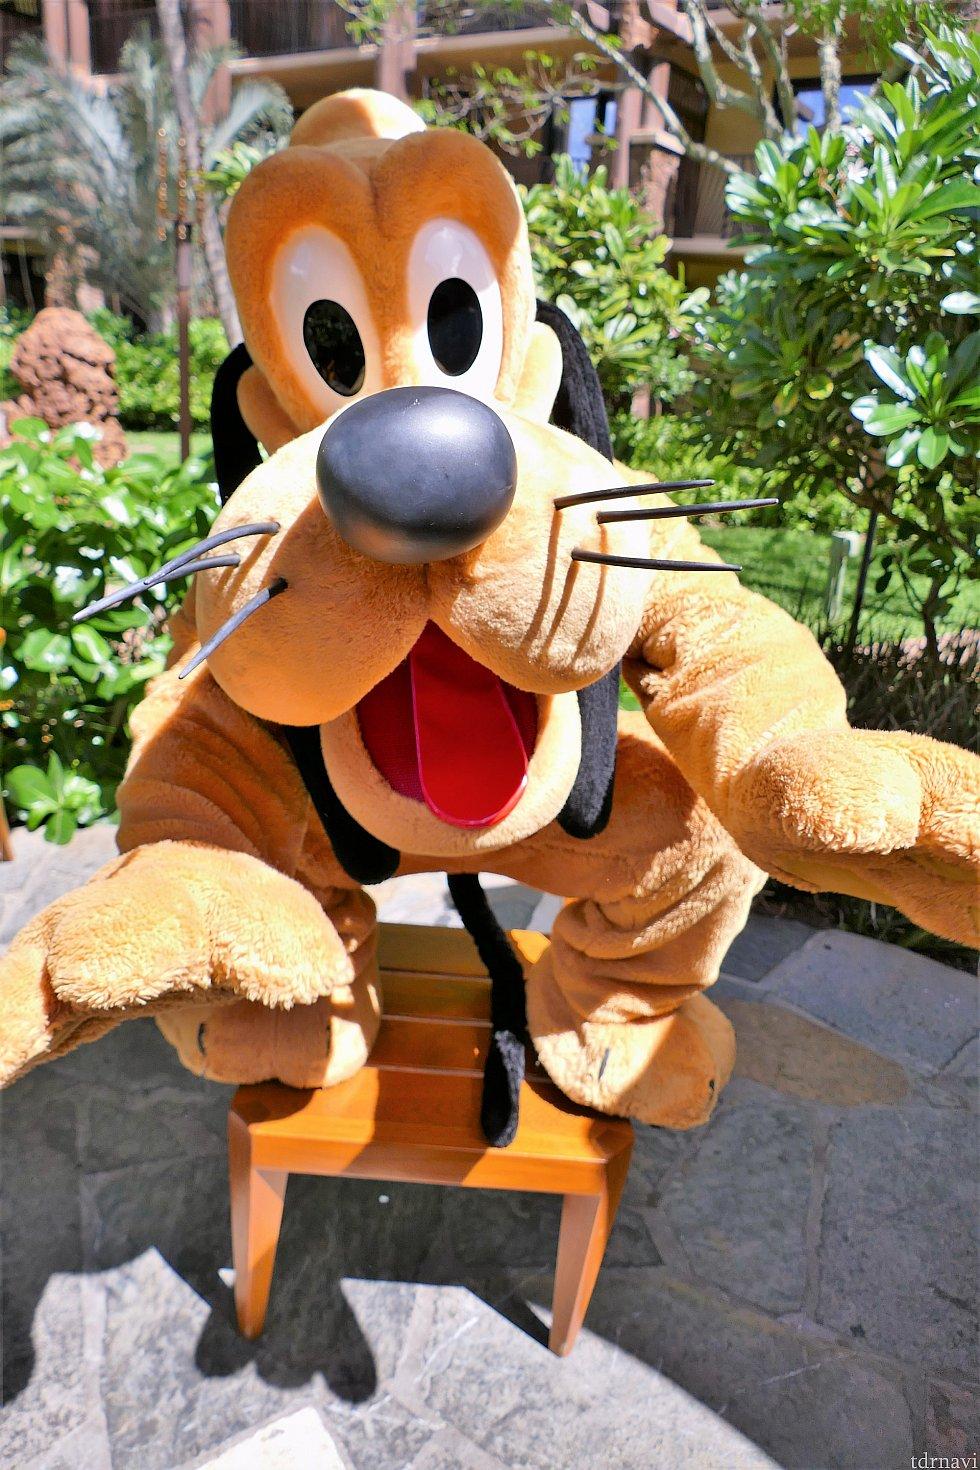 プルートとミニーちゃんは、テーブルまでご挨拶に来てくれます♪プルートは、椅子に乗ってご機嫌でした!